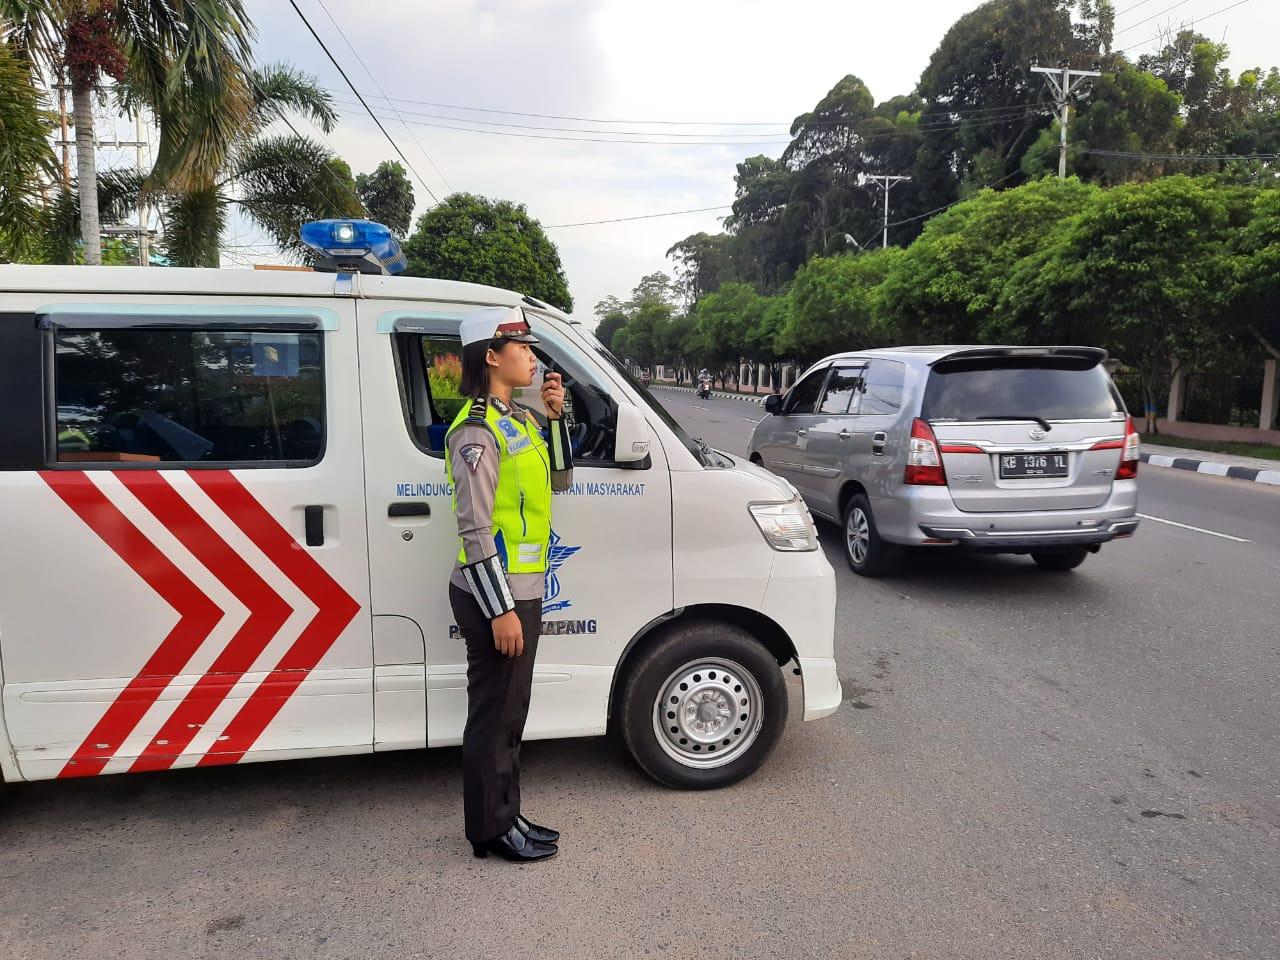 Unit Dikyasa Satlantas Polres Ketapang Melaksanakan Giat Penerangan Keliling